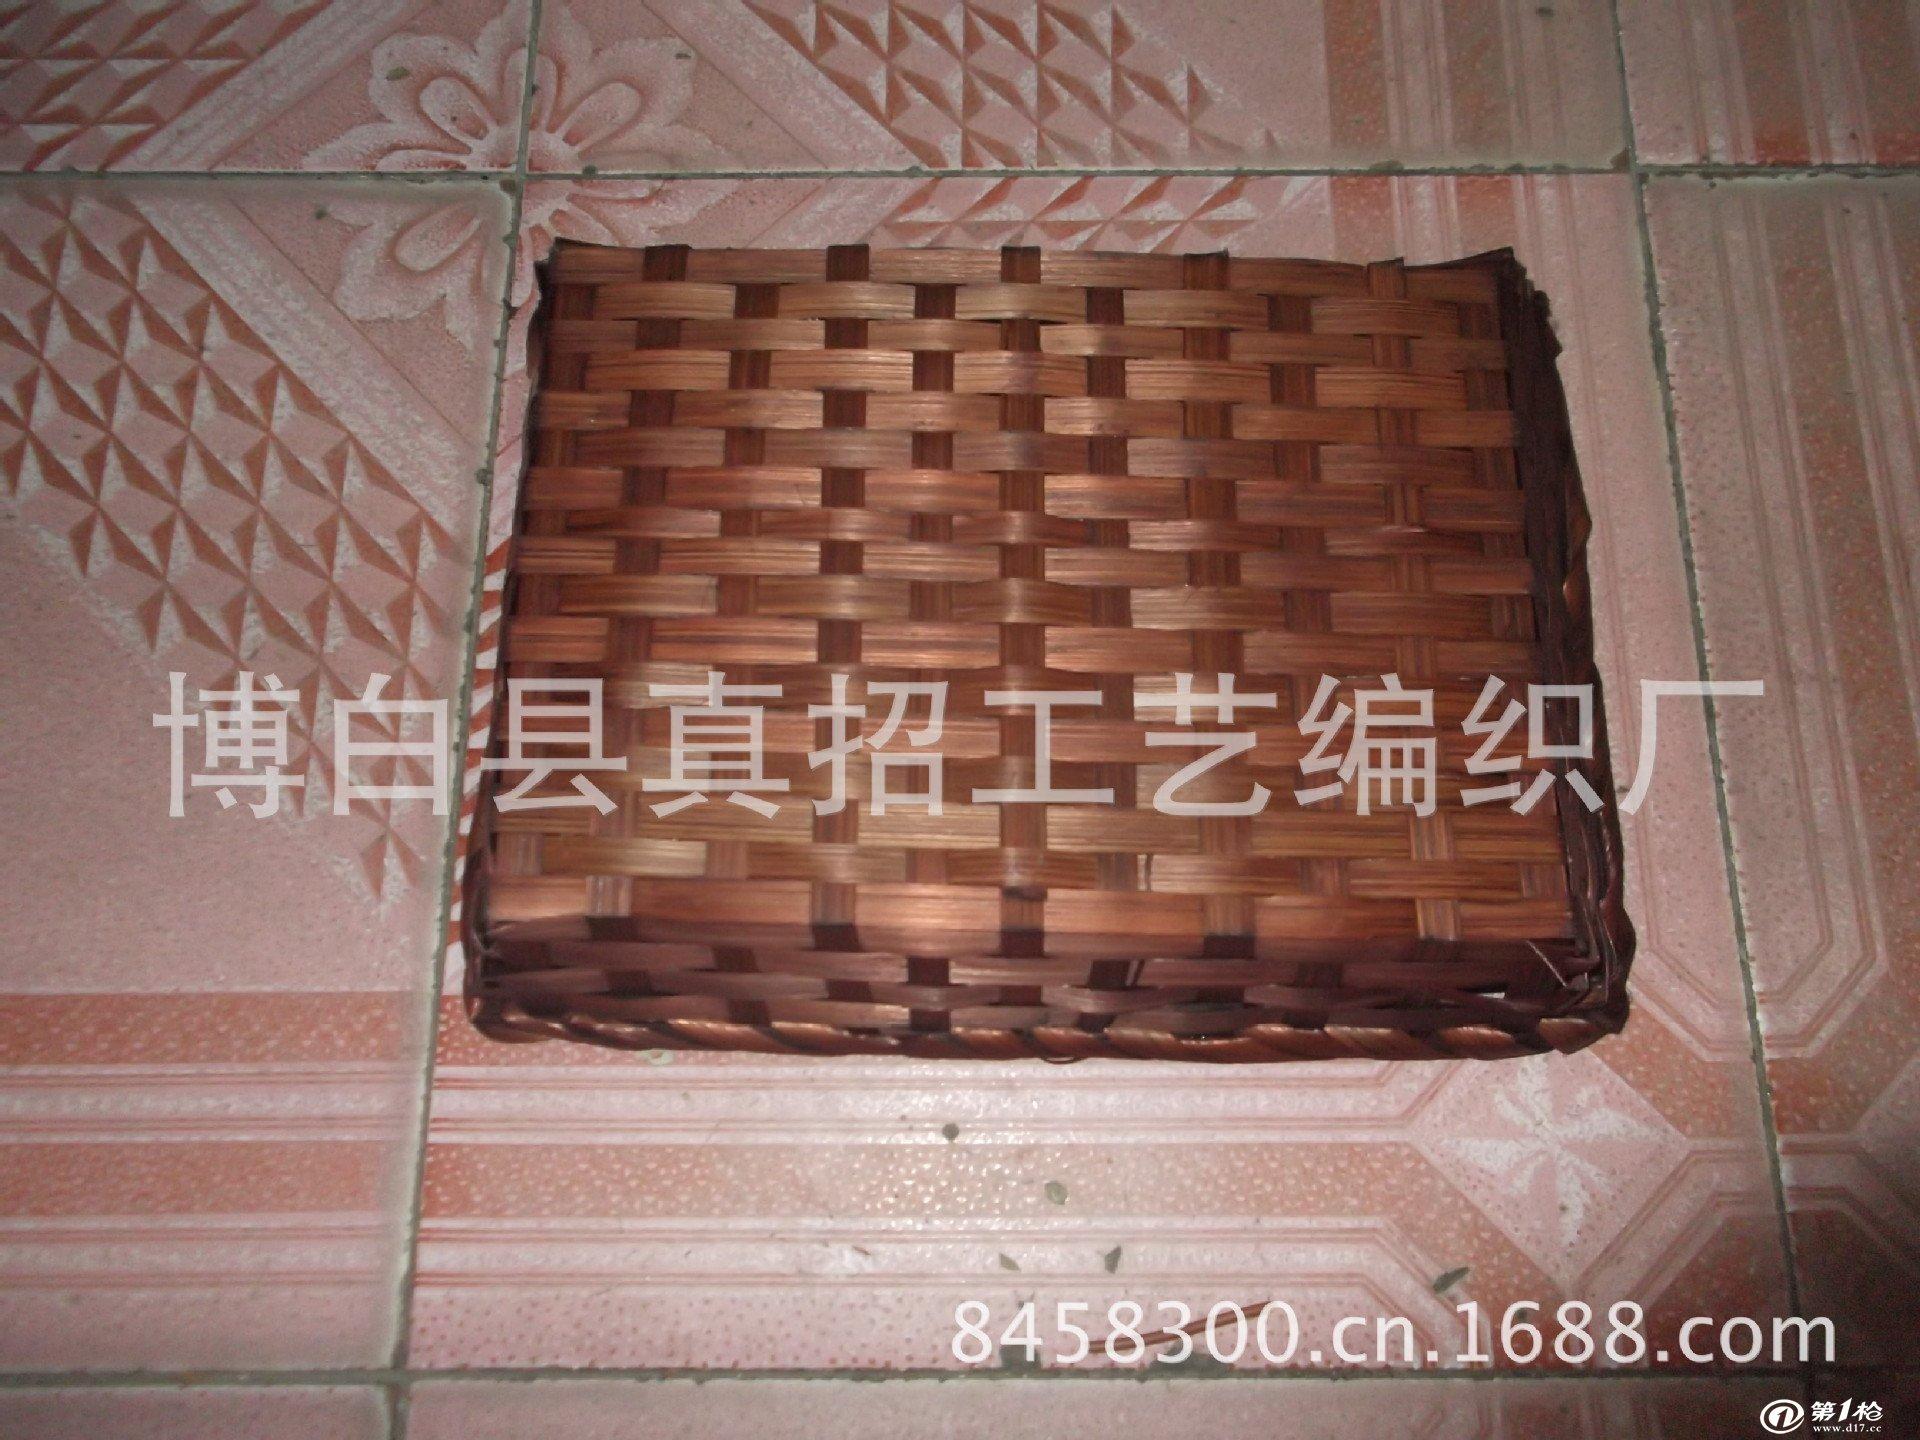 大量供应各种竹编,竹篮,竹盒,竹筐等藤,芒,草等手工编织产品.